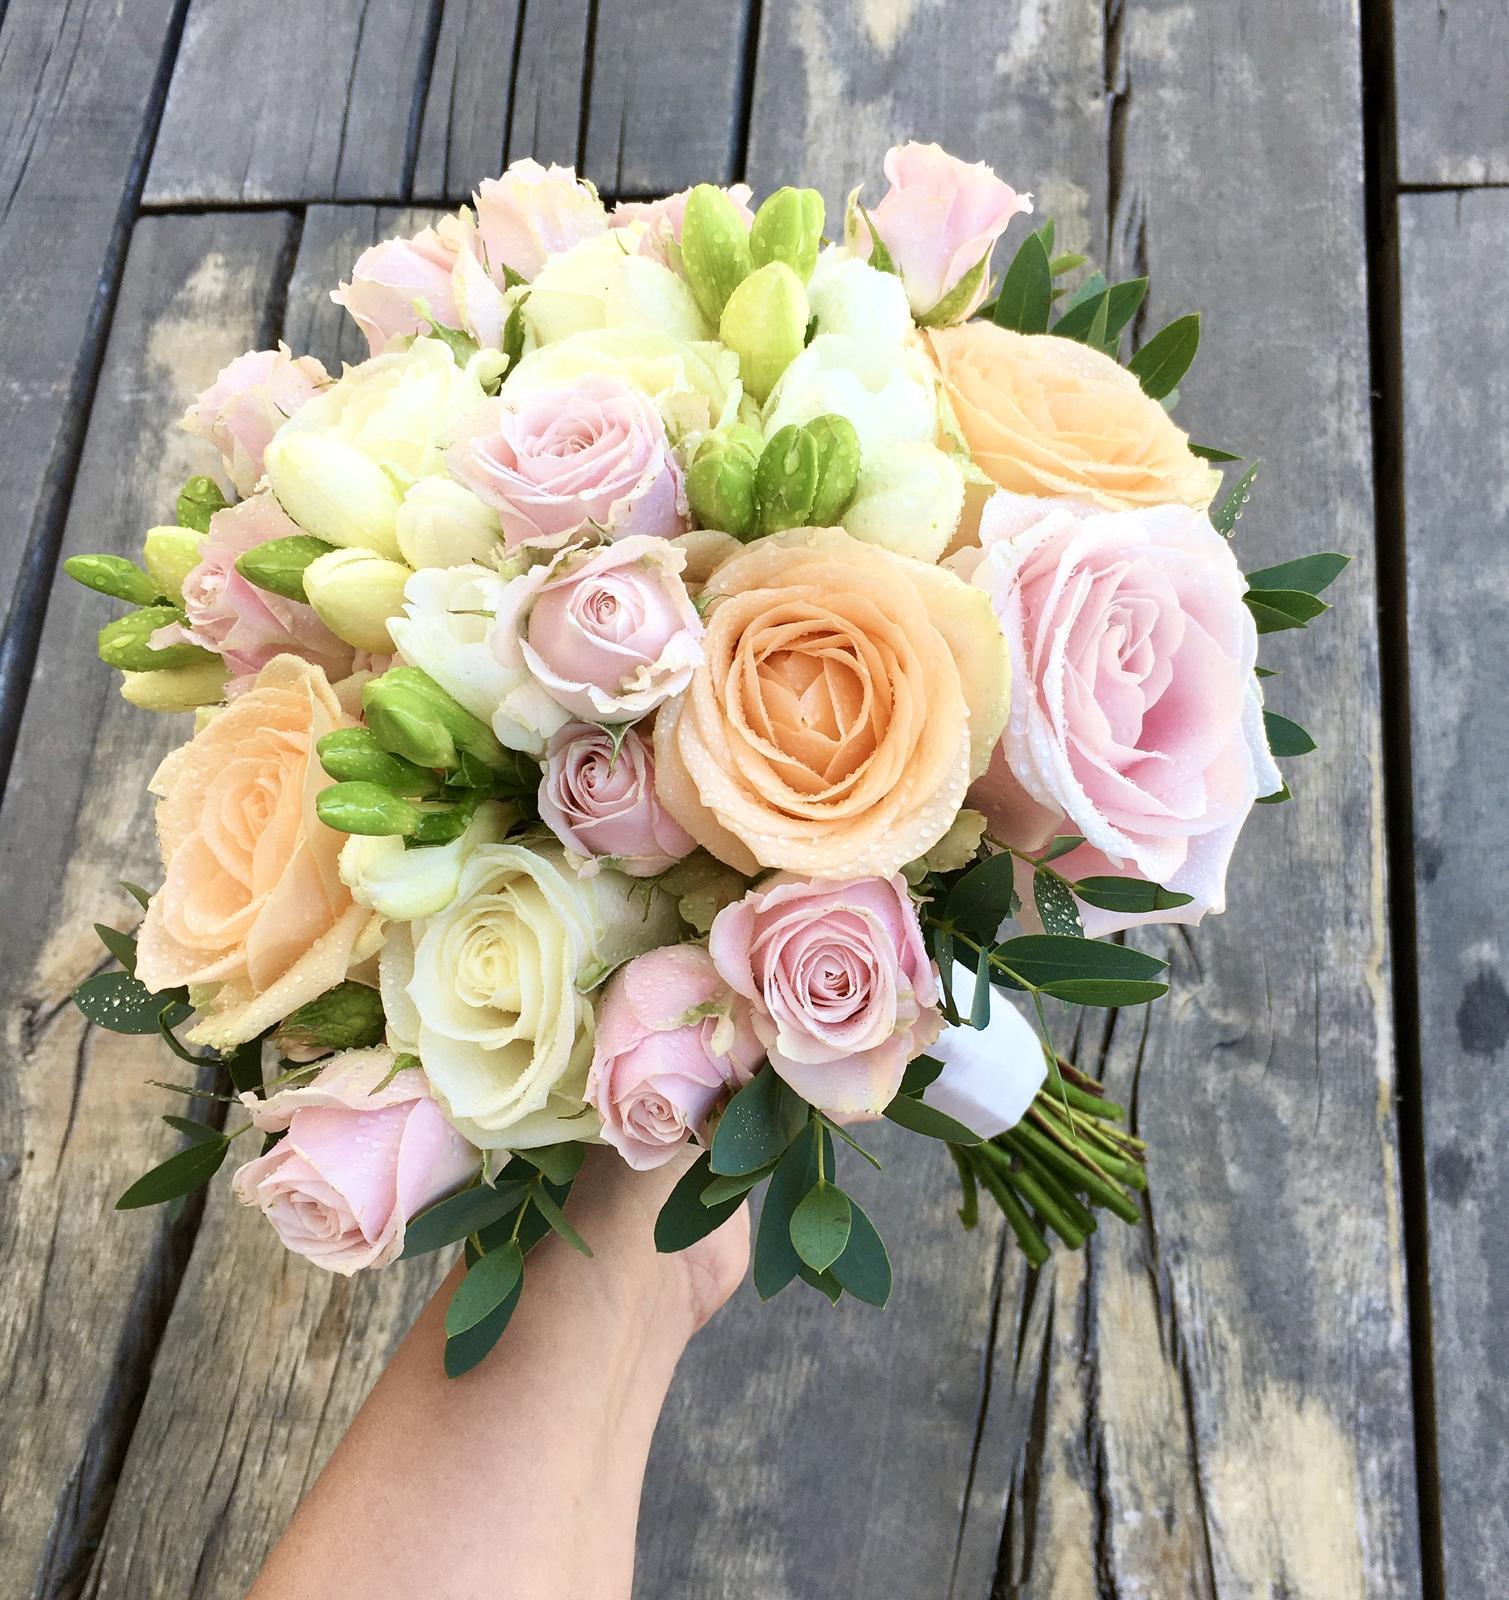 Letná pastelová svadba - pastelová svadobná kytica